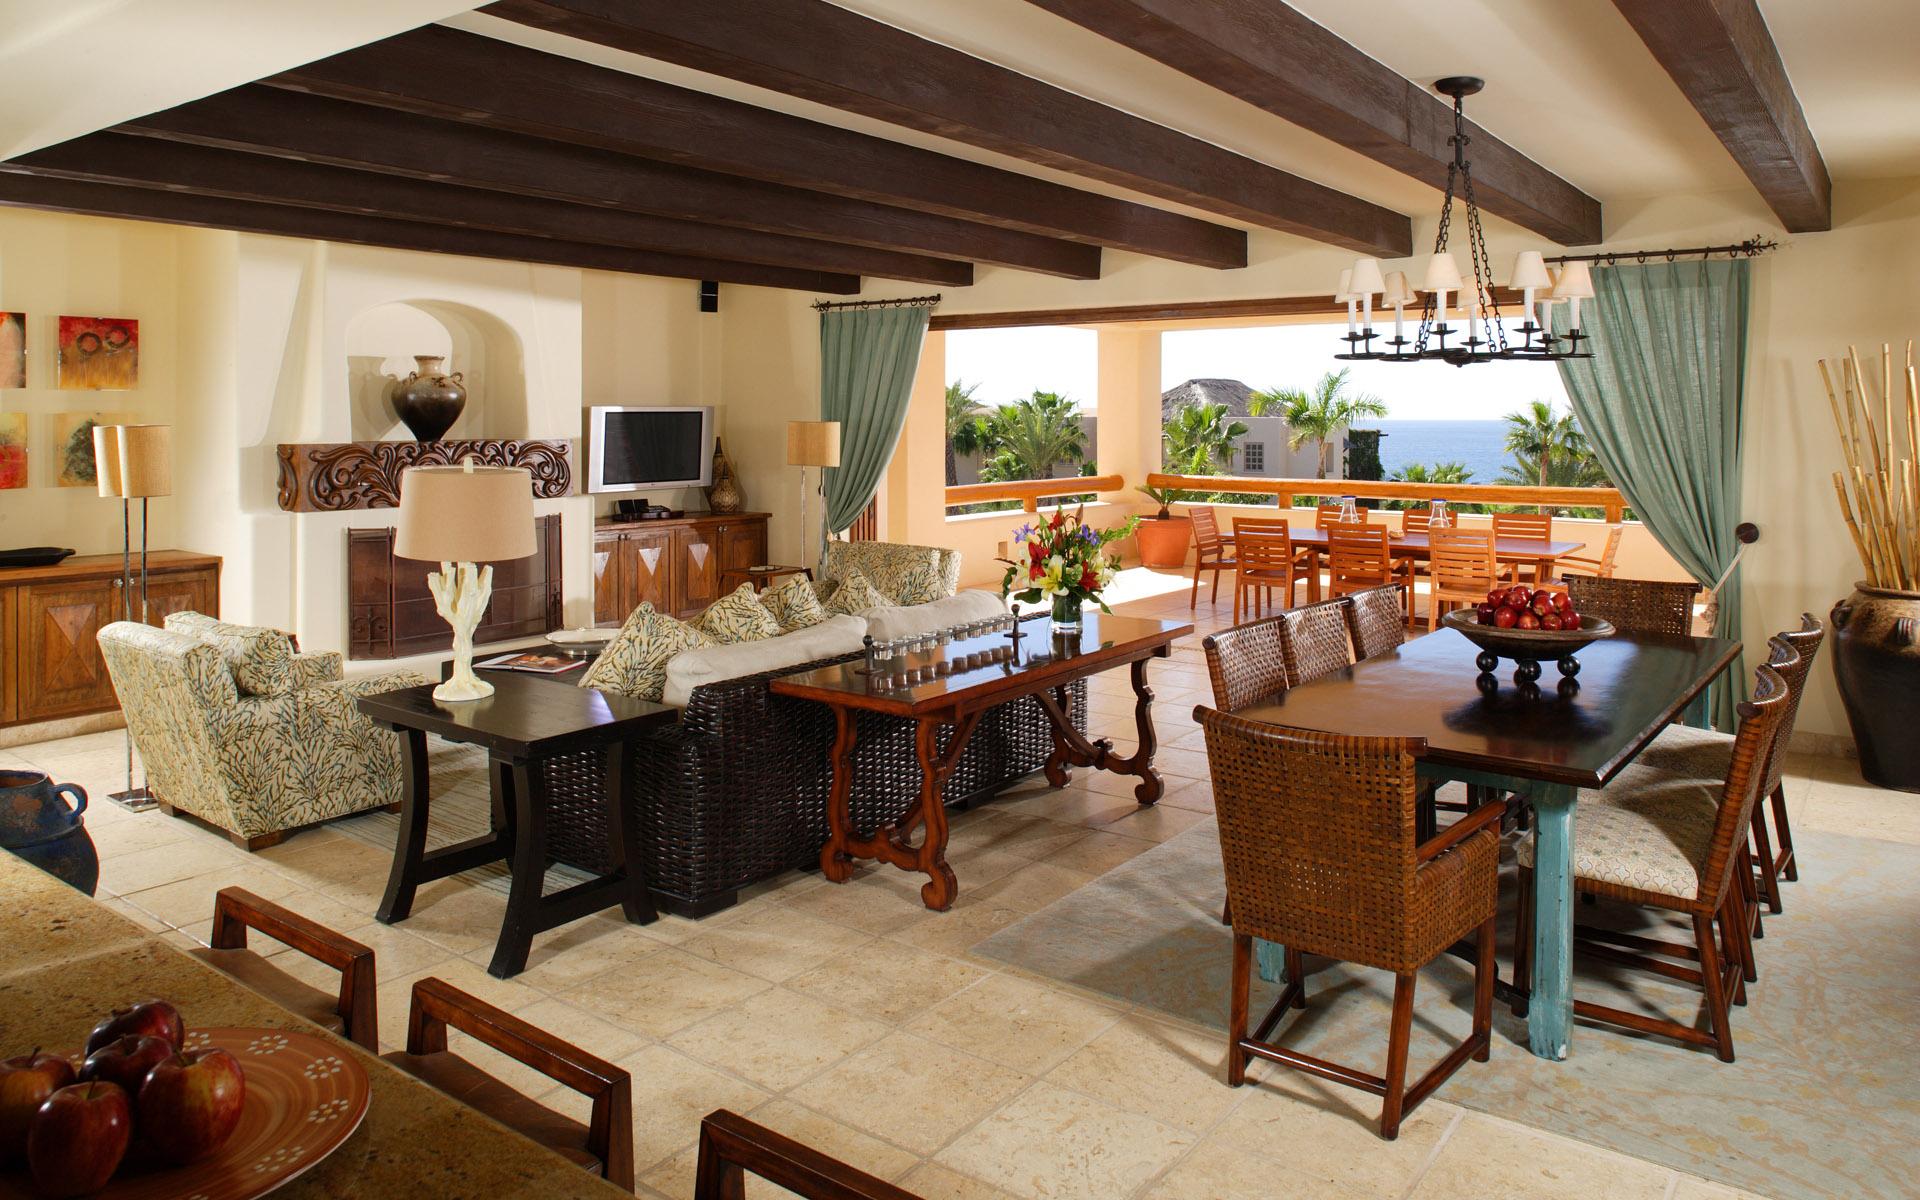 dining-cum-Living_room_idea dining cum Living room idea